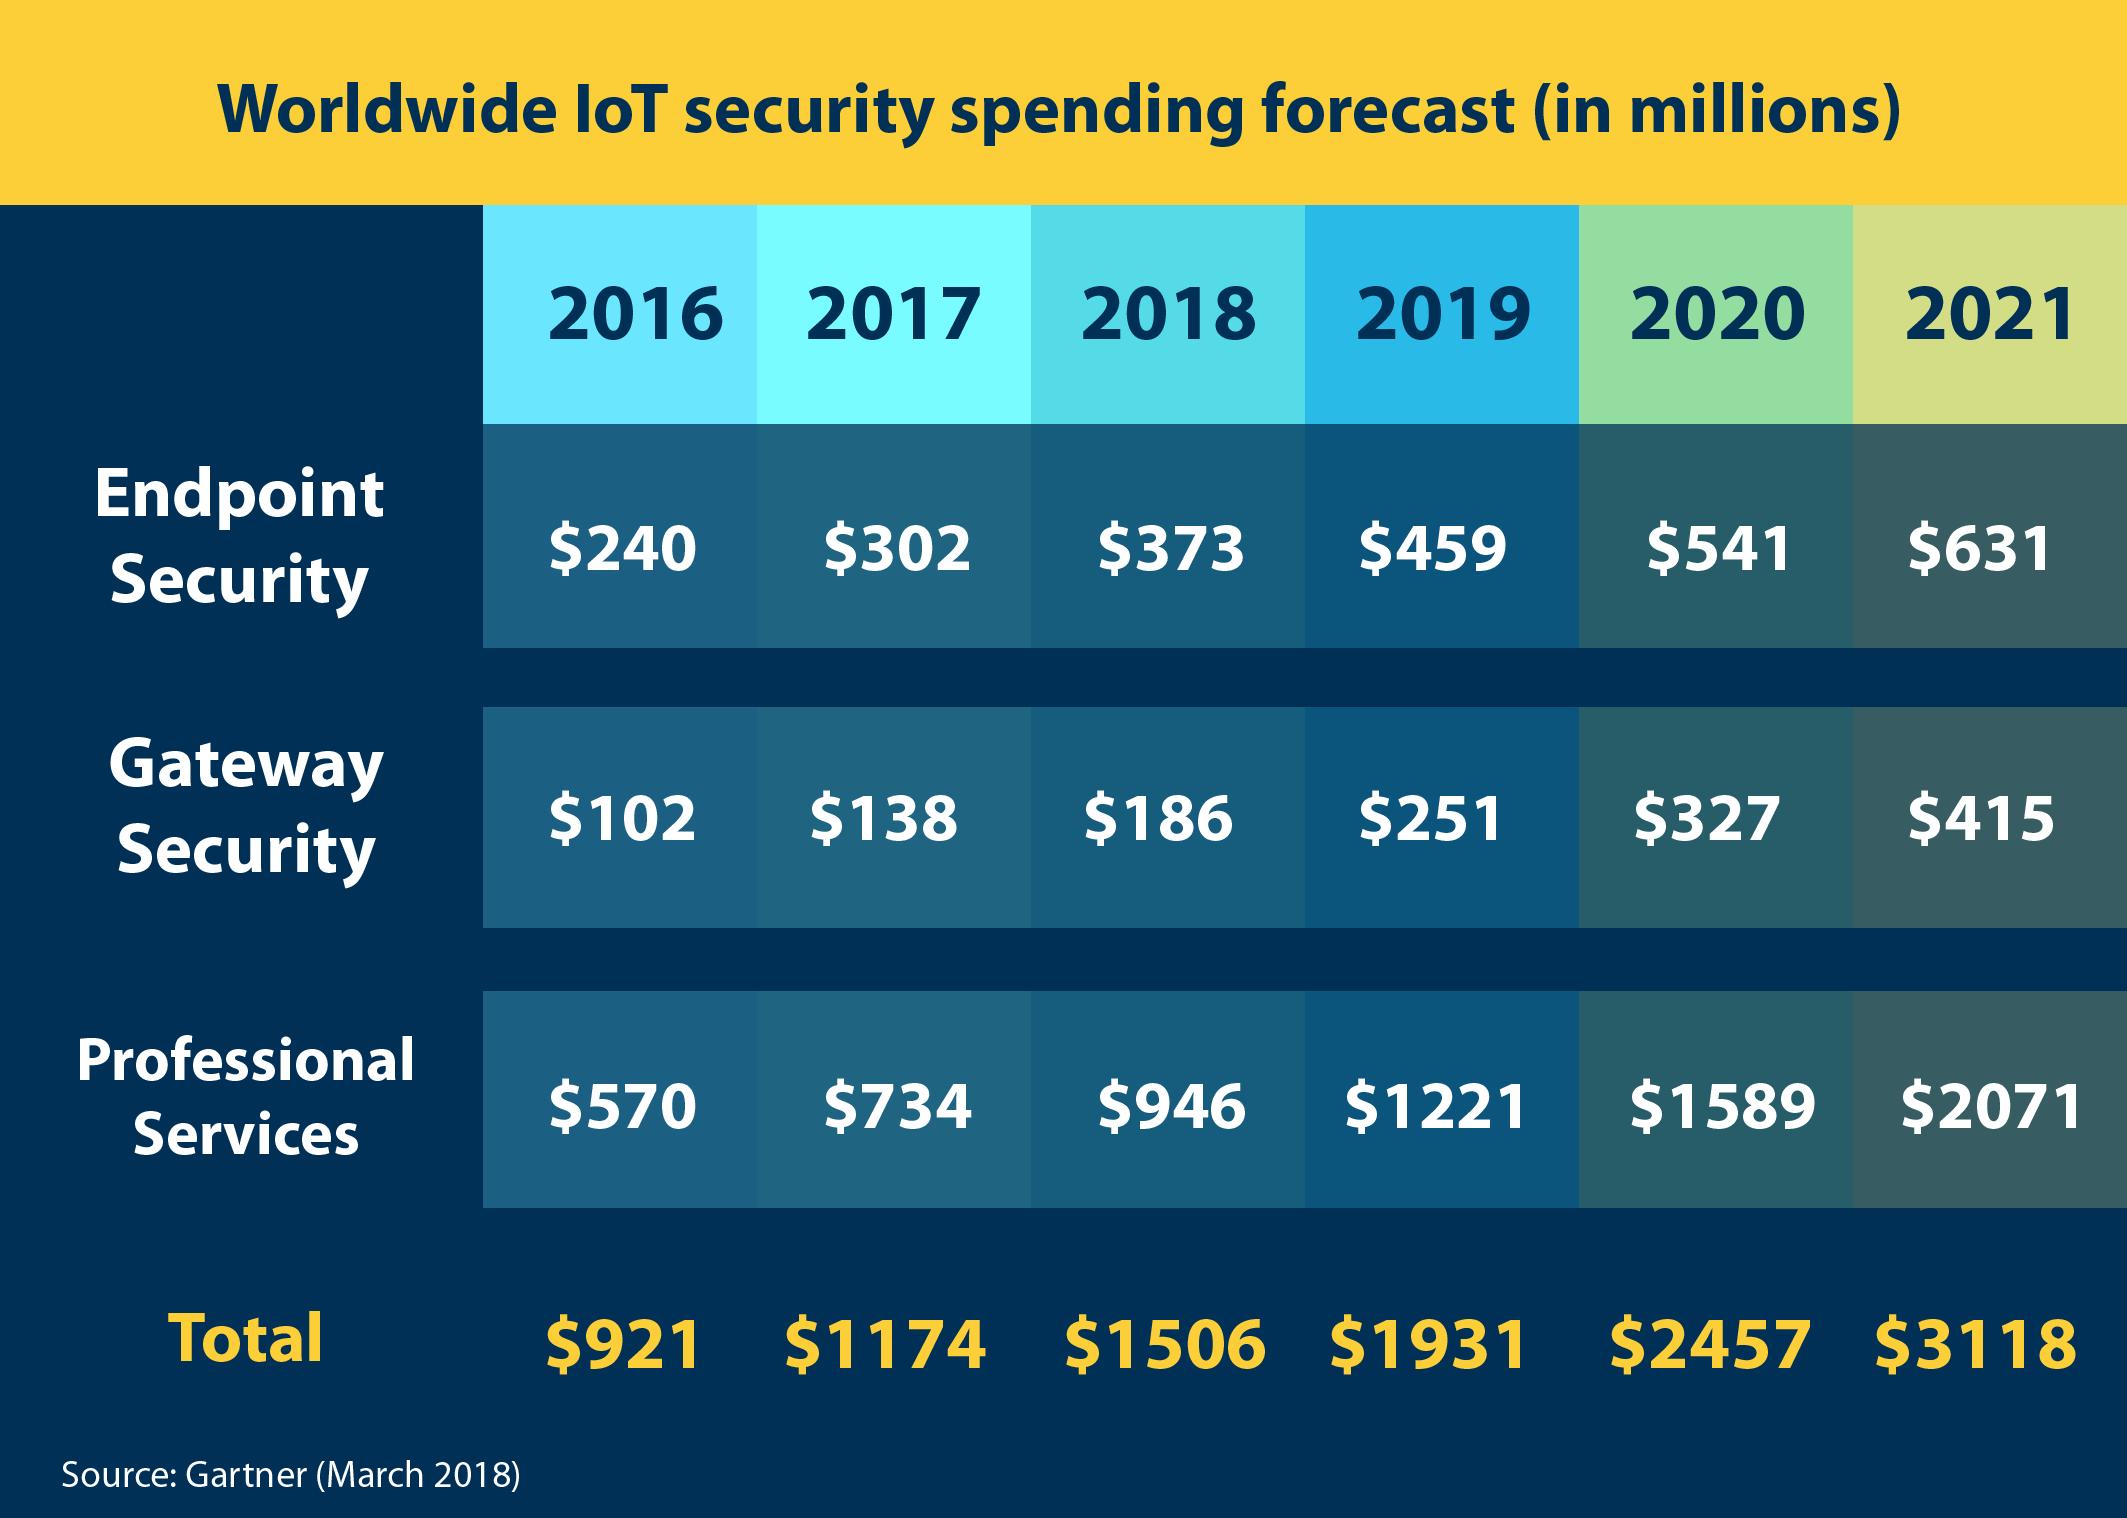 Gartner Worldwide IoT security spending forecast table